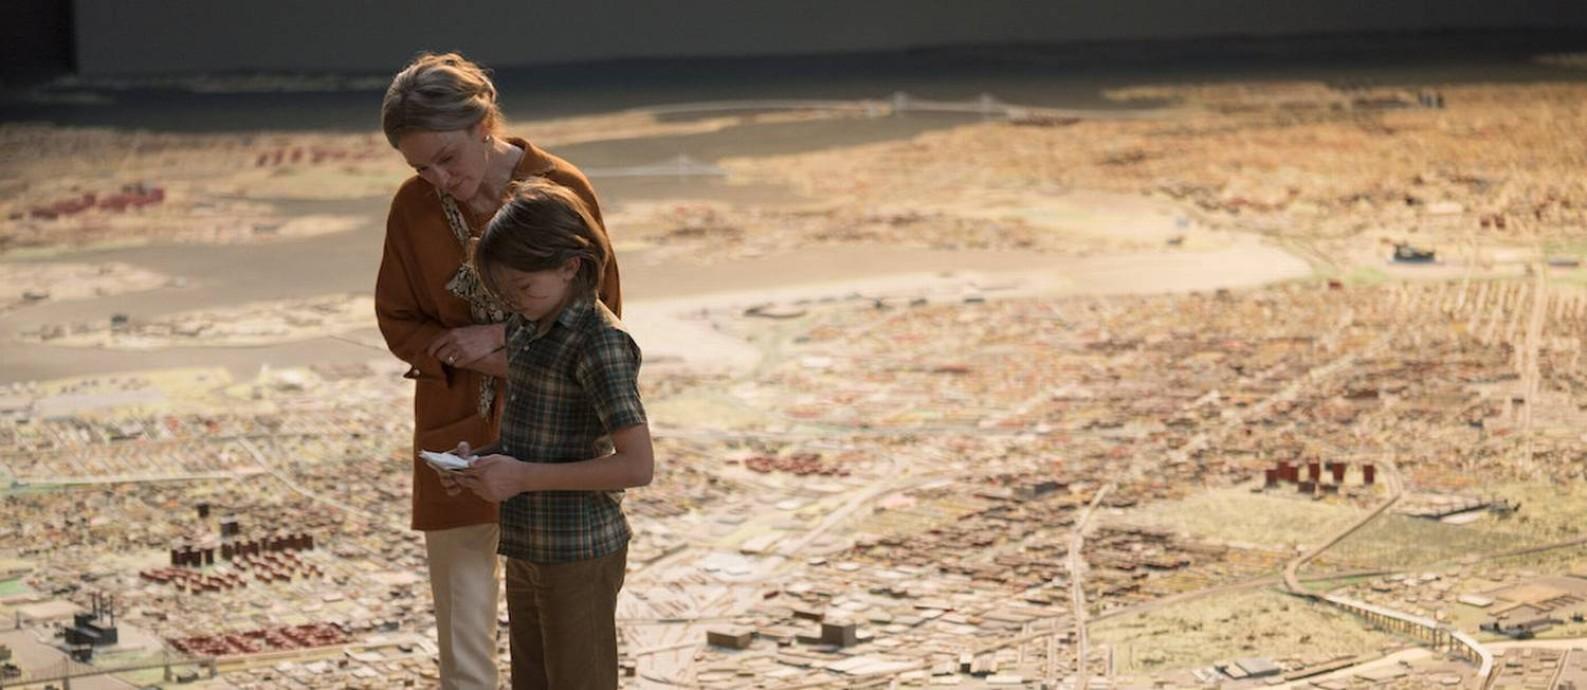 Cena do filme 'Wonderstruck' Foto: Divulgalção